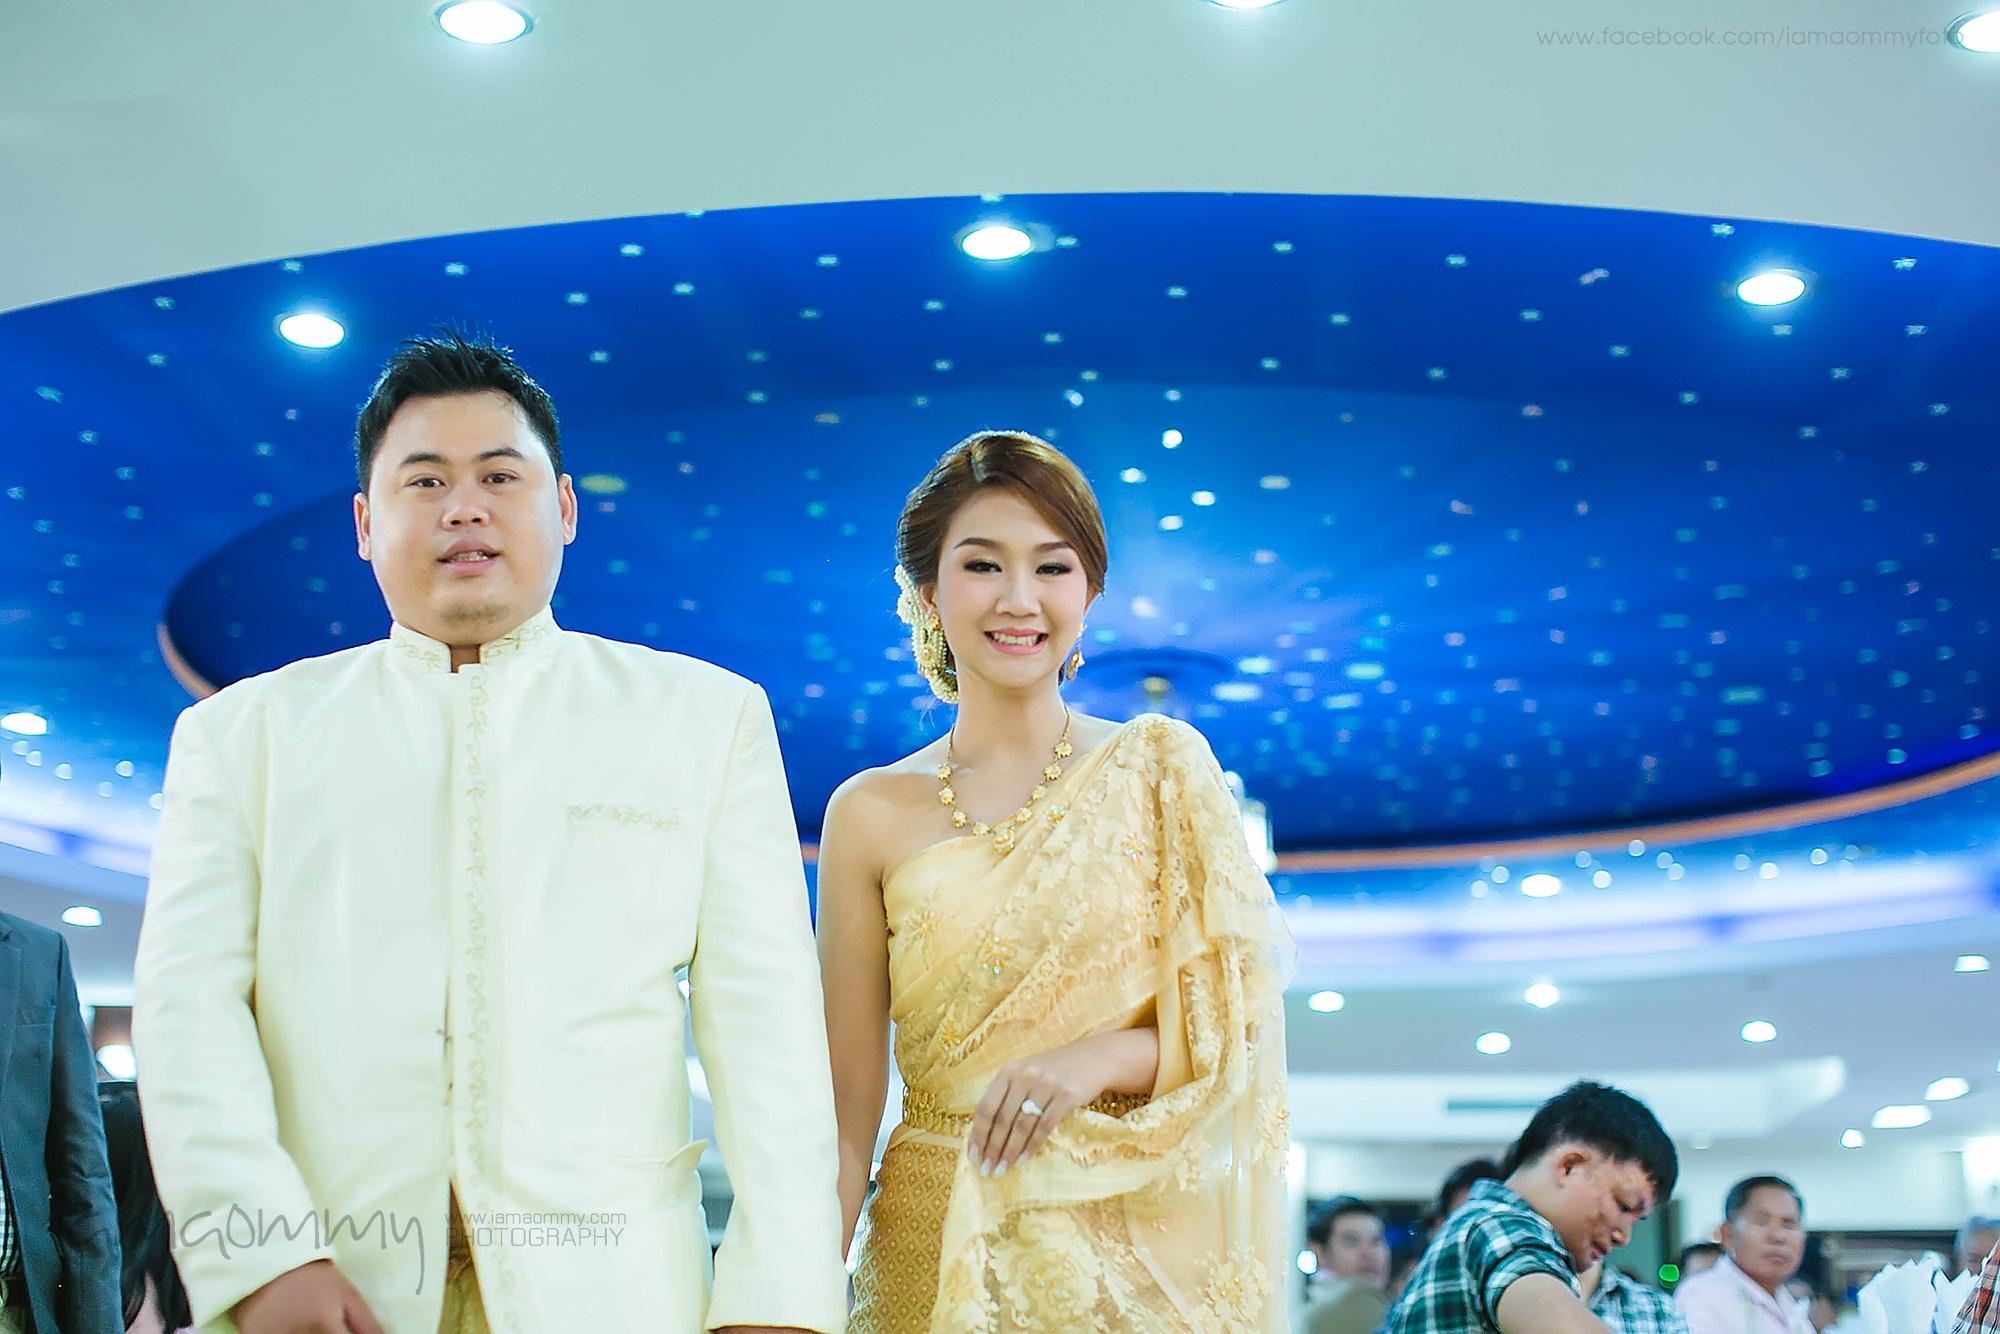 ถ่ายภาพแต่งงงาน_สมาคมชาวปักษ์ใต้_Elle&Nut_0730